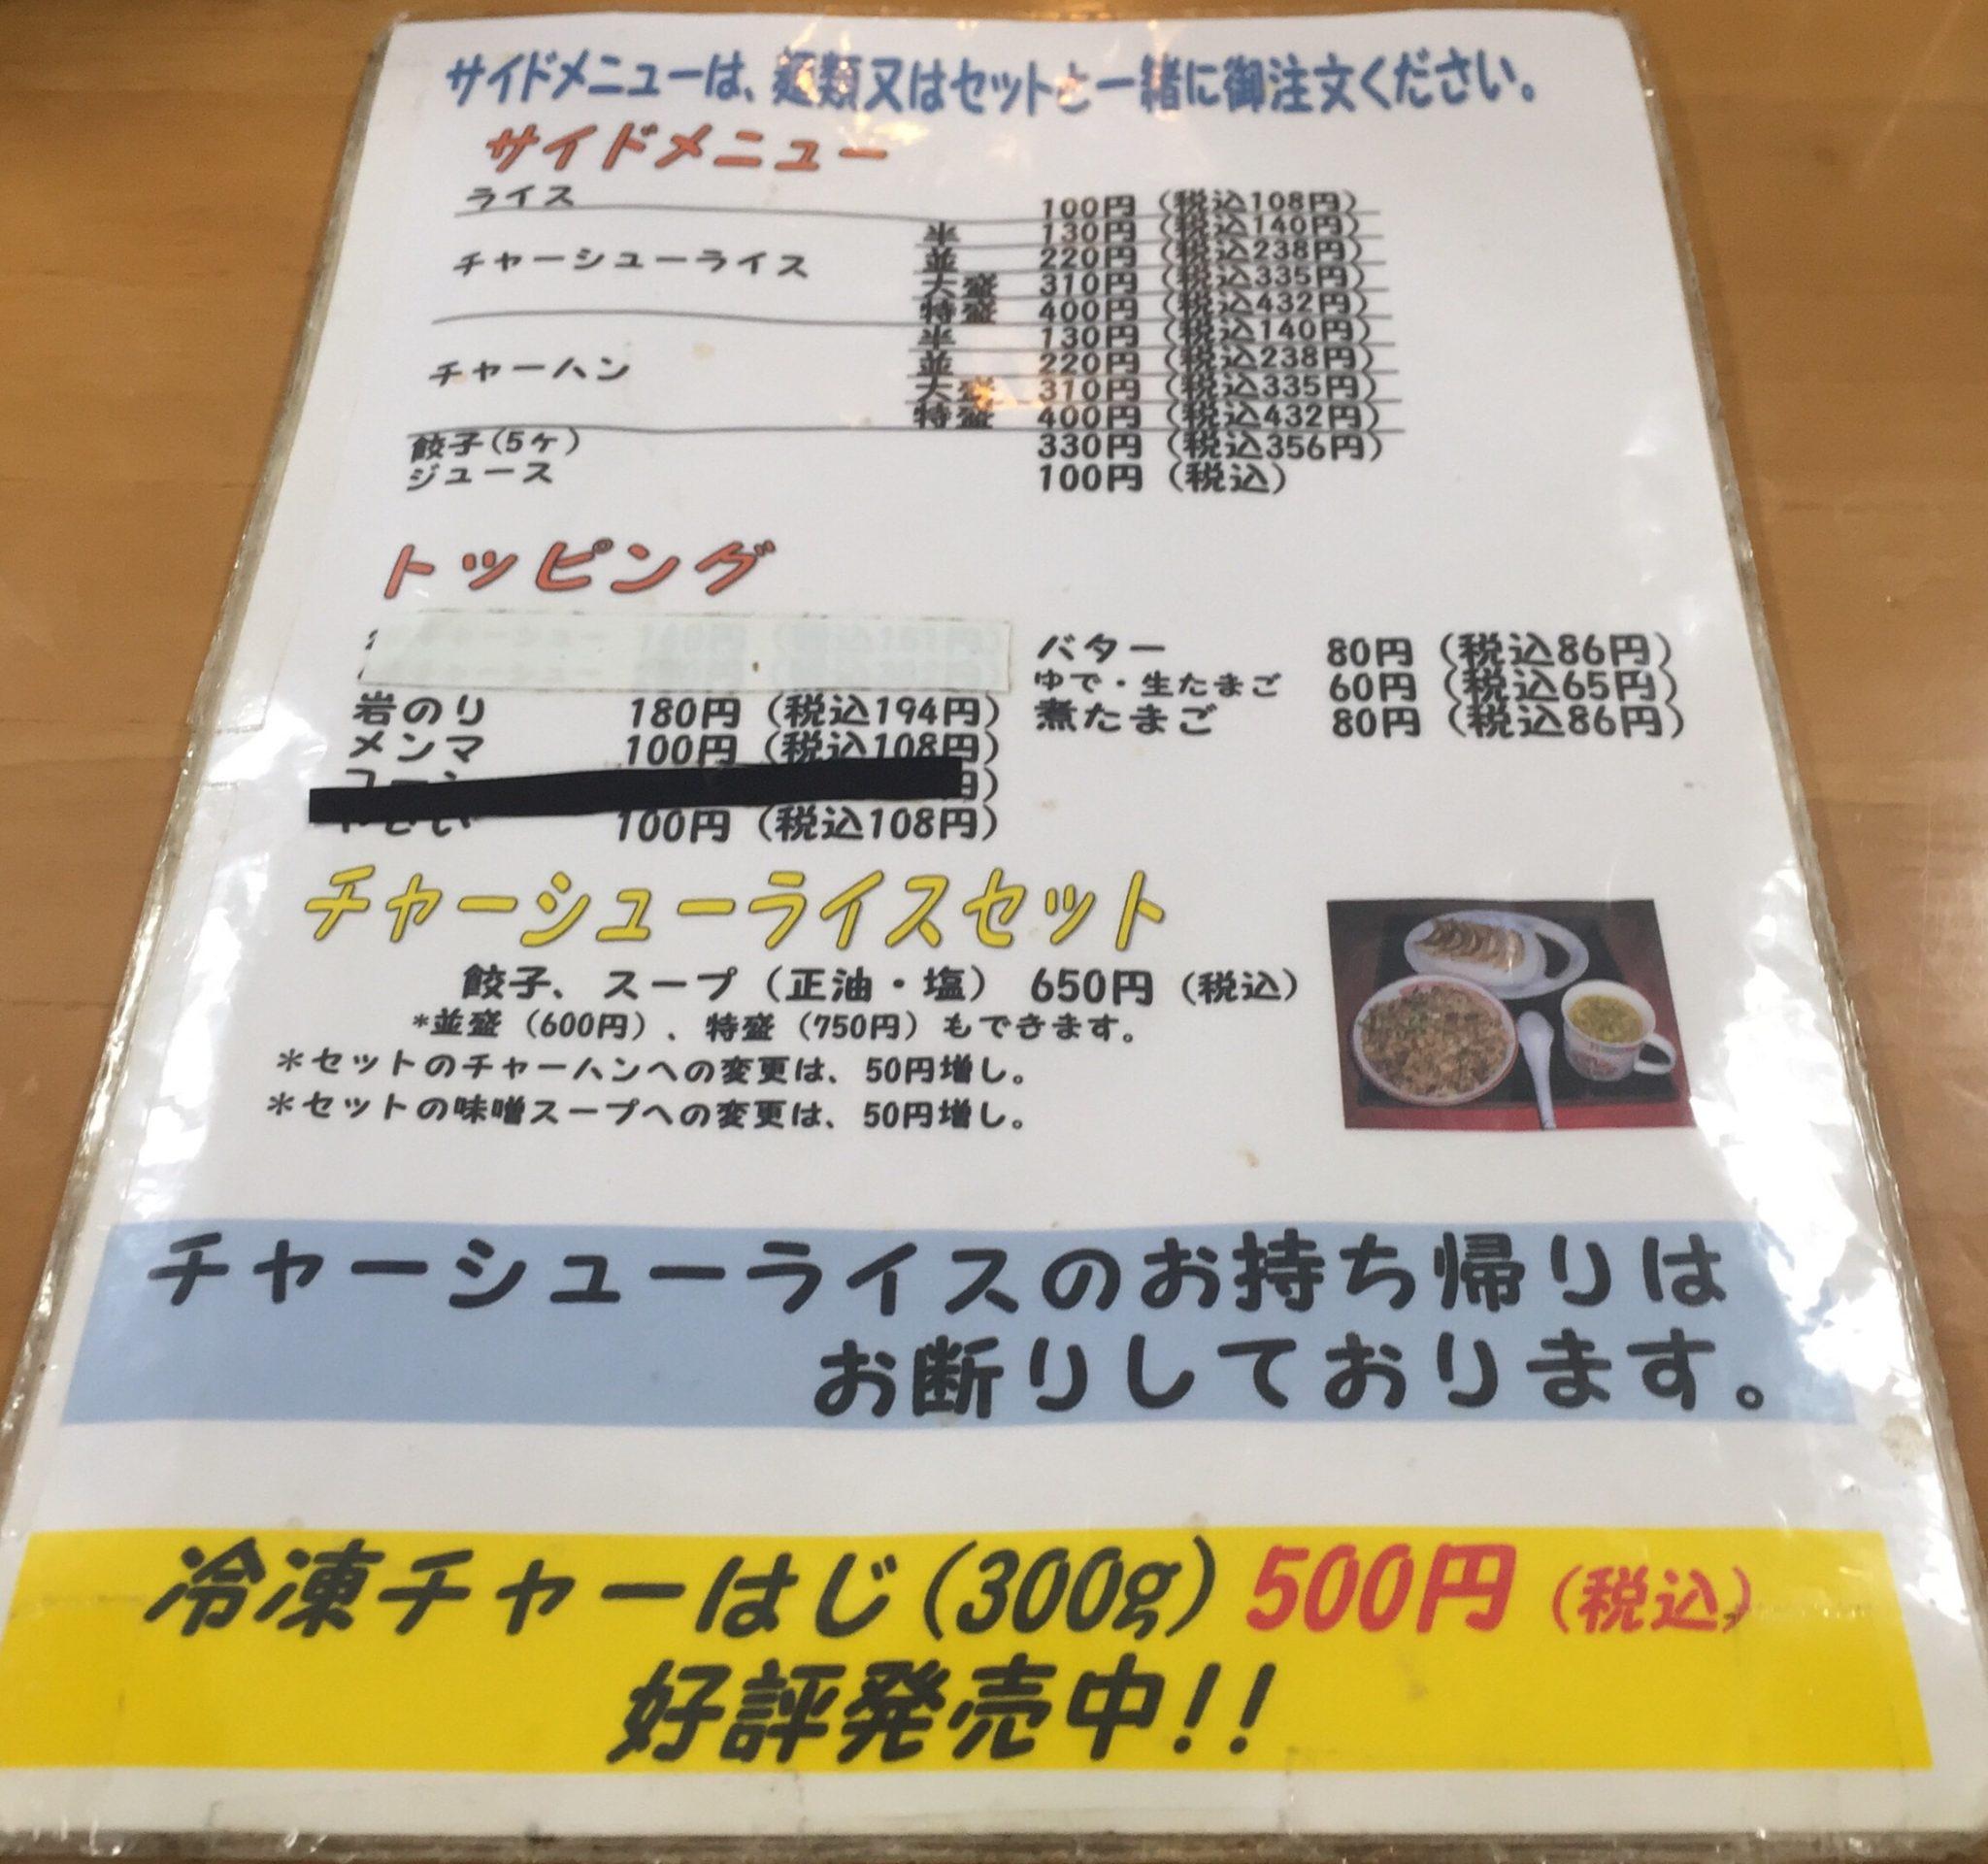 室蘭ラーメンの店 八屋本店 メニュー